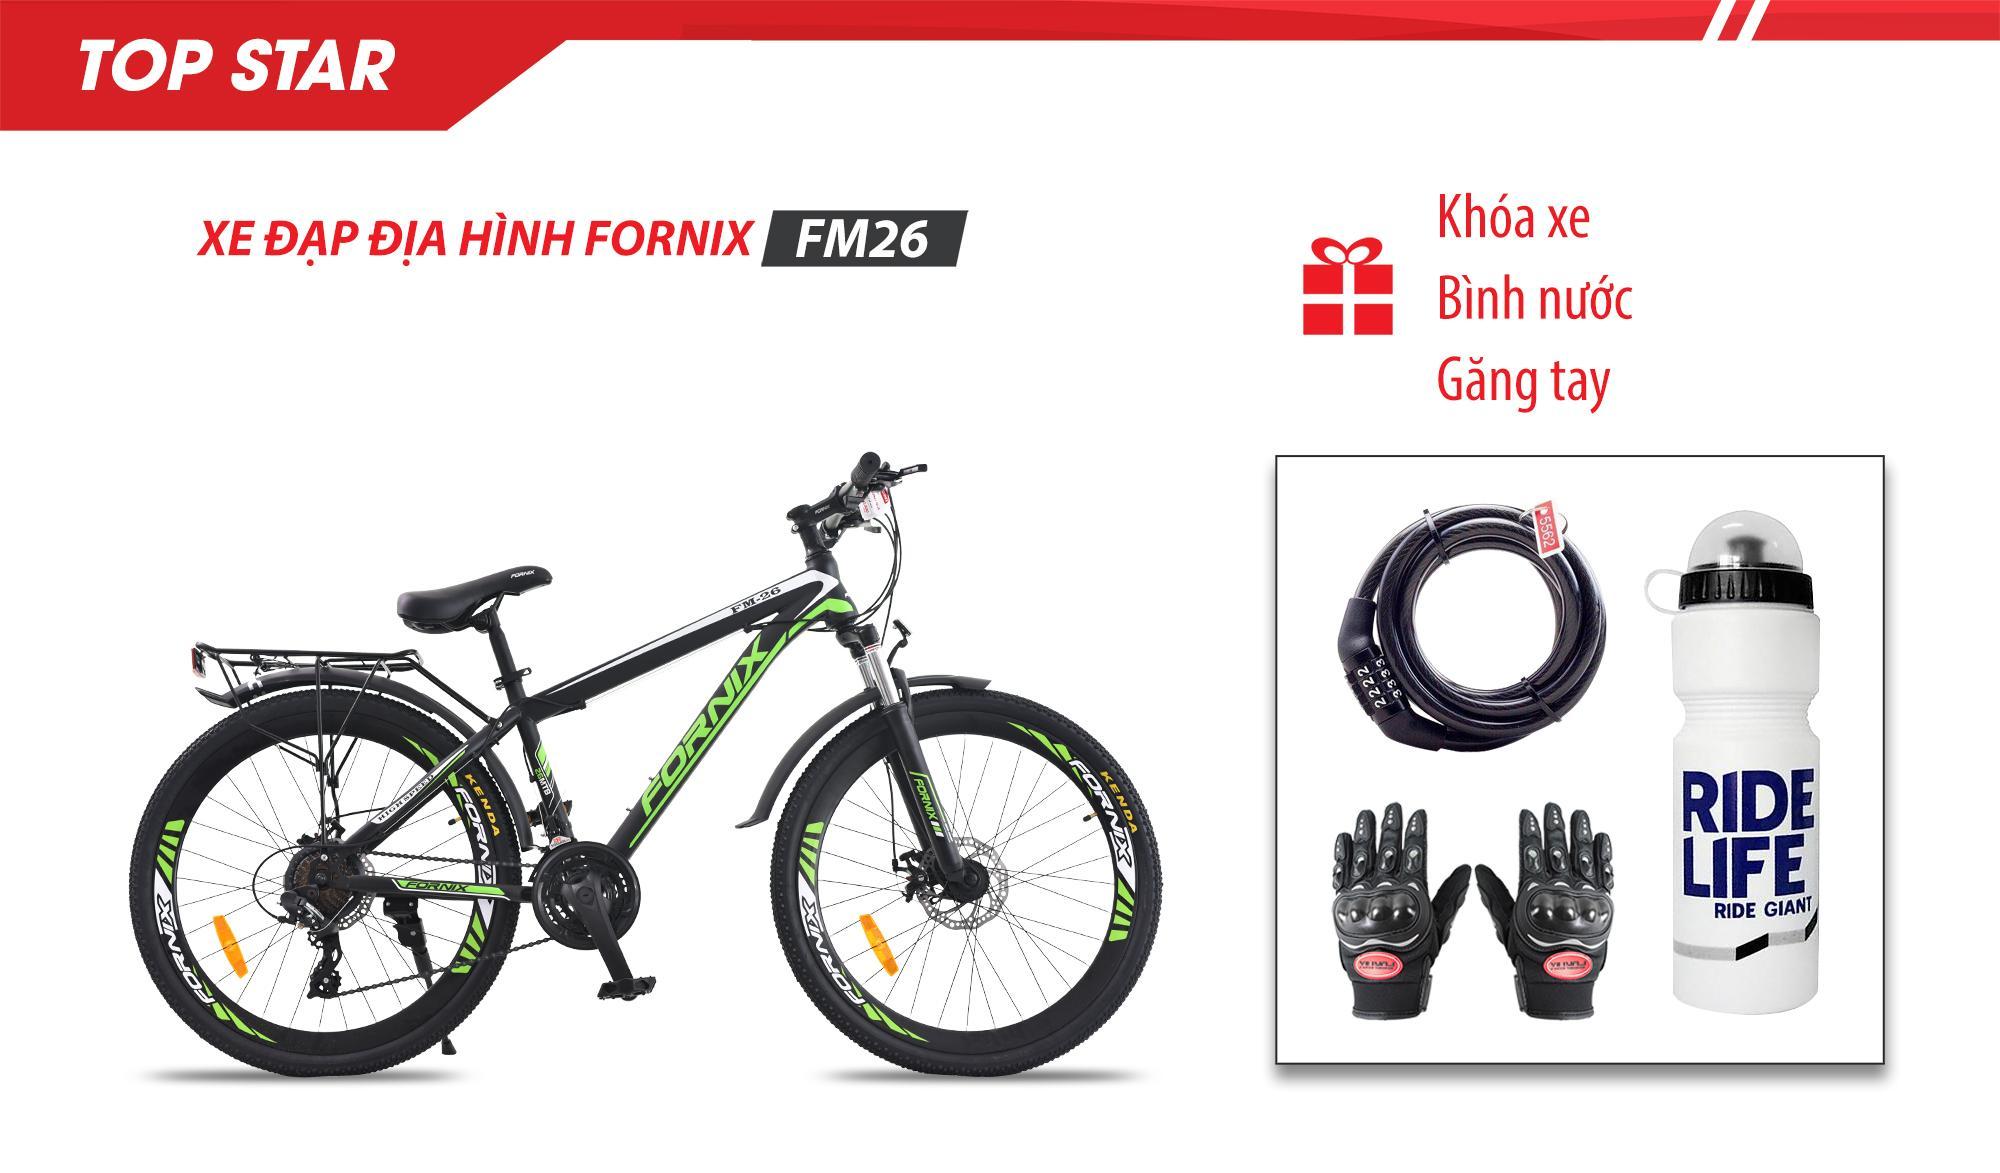 Mua Xe đạp địa hình thể thao FM26 - vòng bánh 26- Bảo hành 12 tháng + (gift) Găng tay, Bình nước, Khóa xe cao cấp